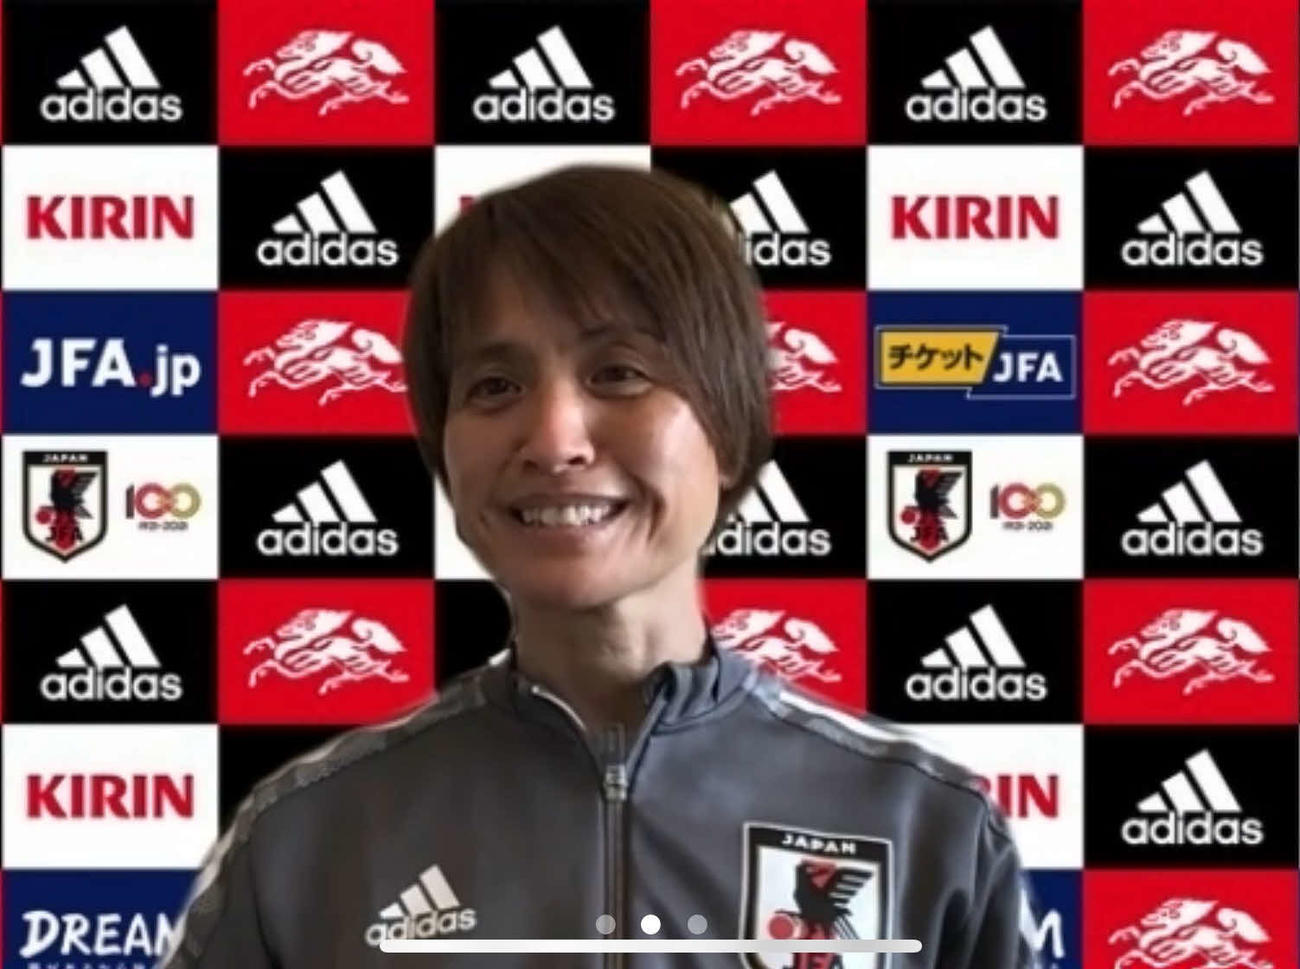 合宿初日の練習を前に取材に応じる、なでしこジャパンの高倉麻子監督